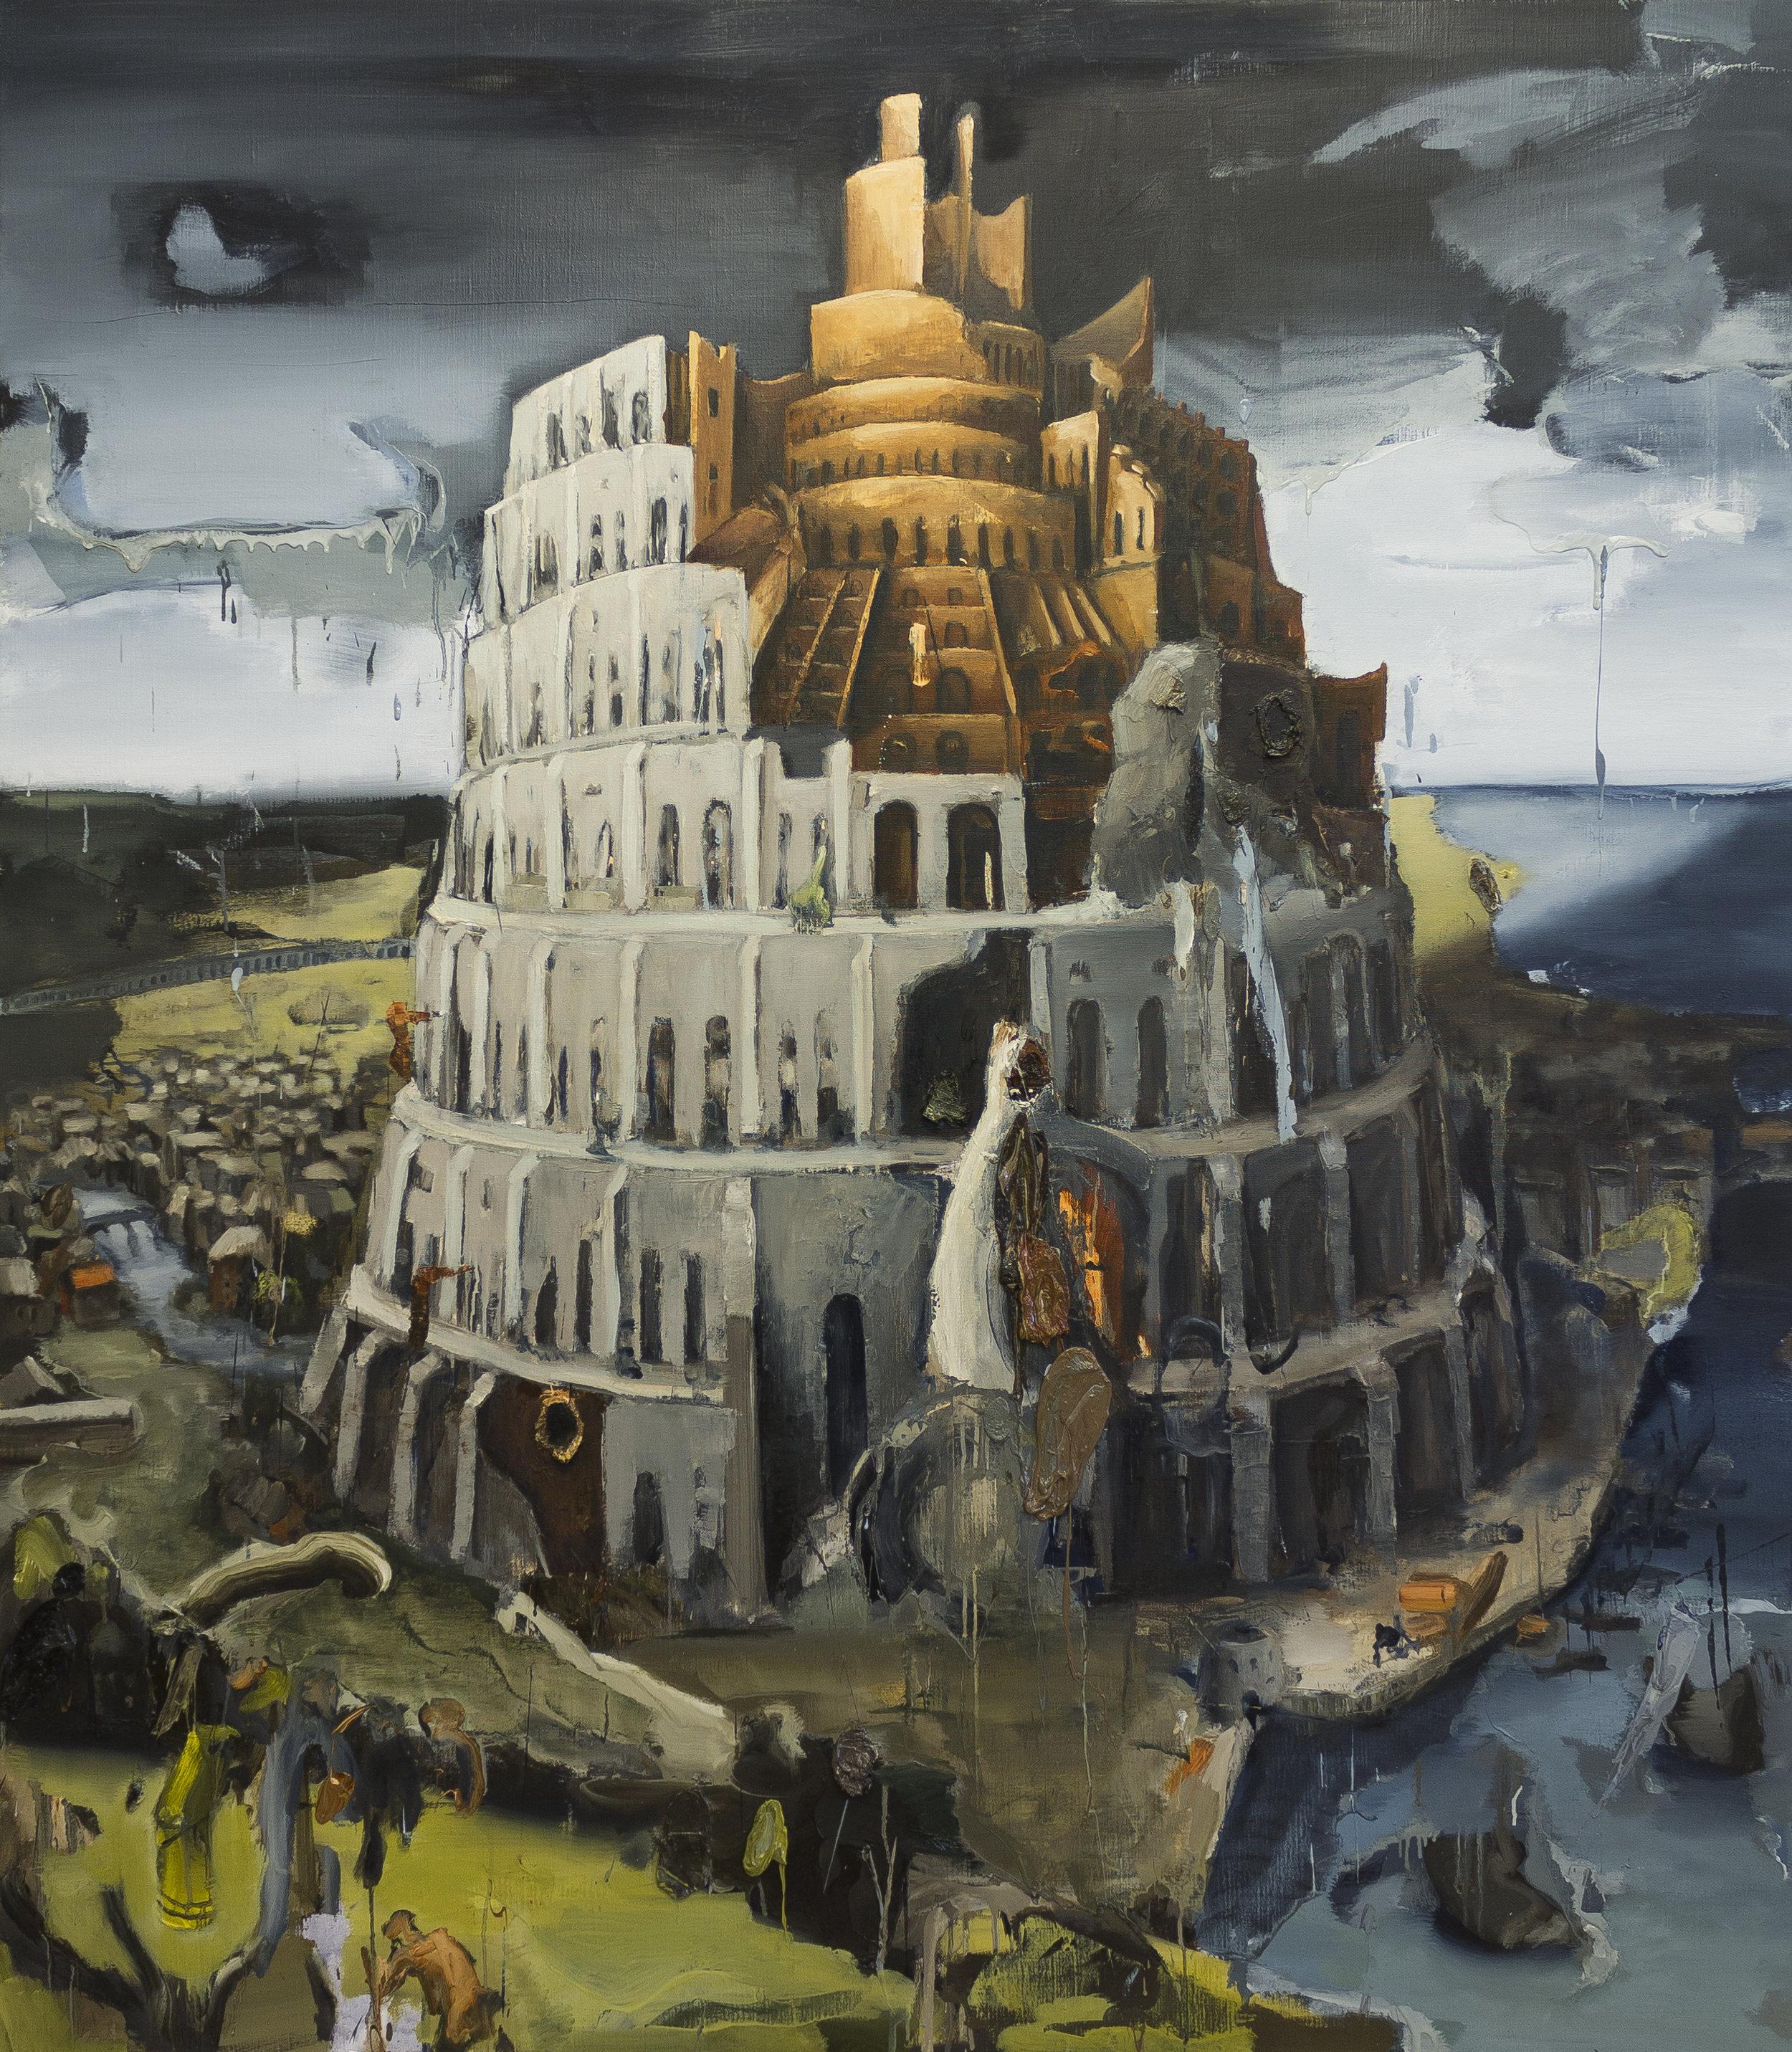 Tower of Babel (kontrast) (cut).jpg